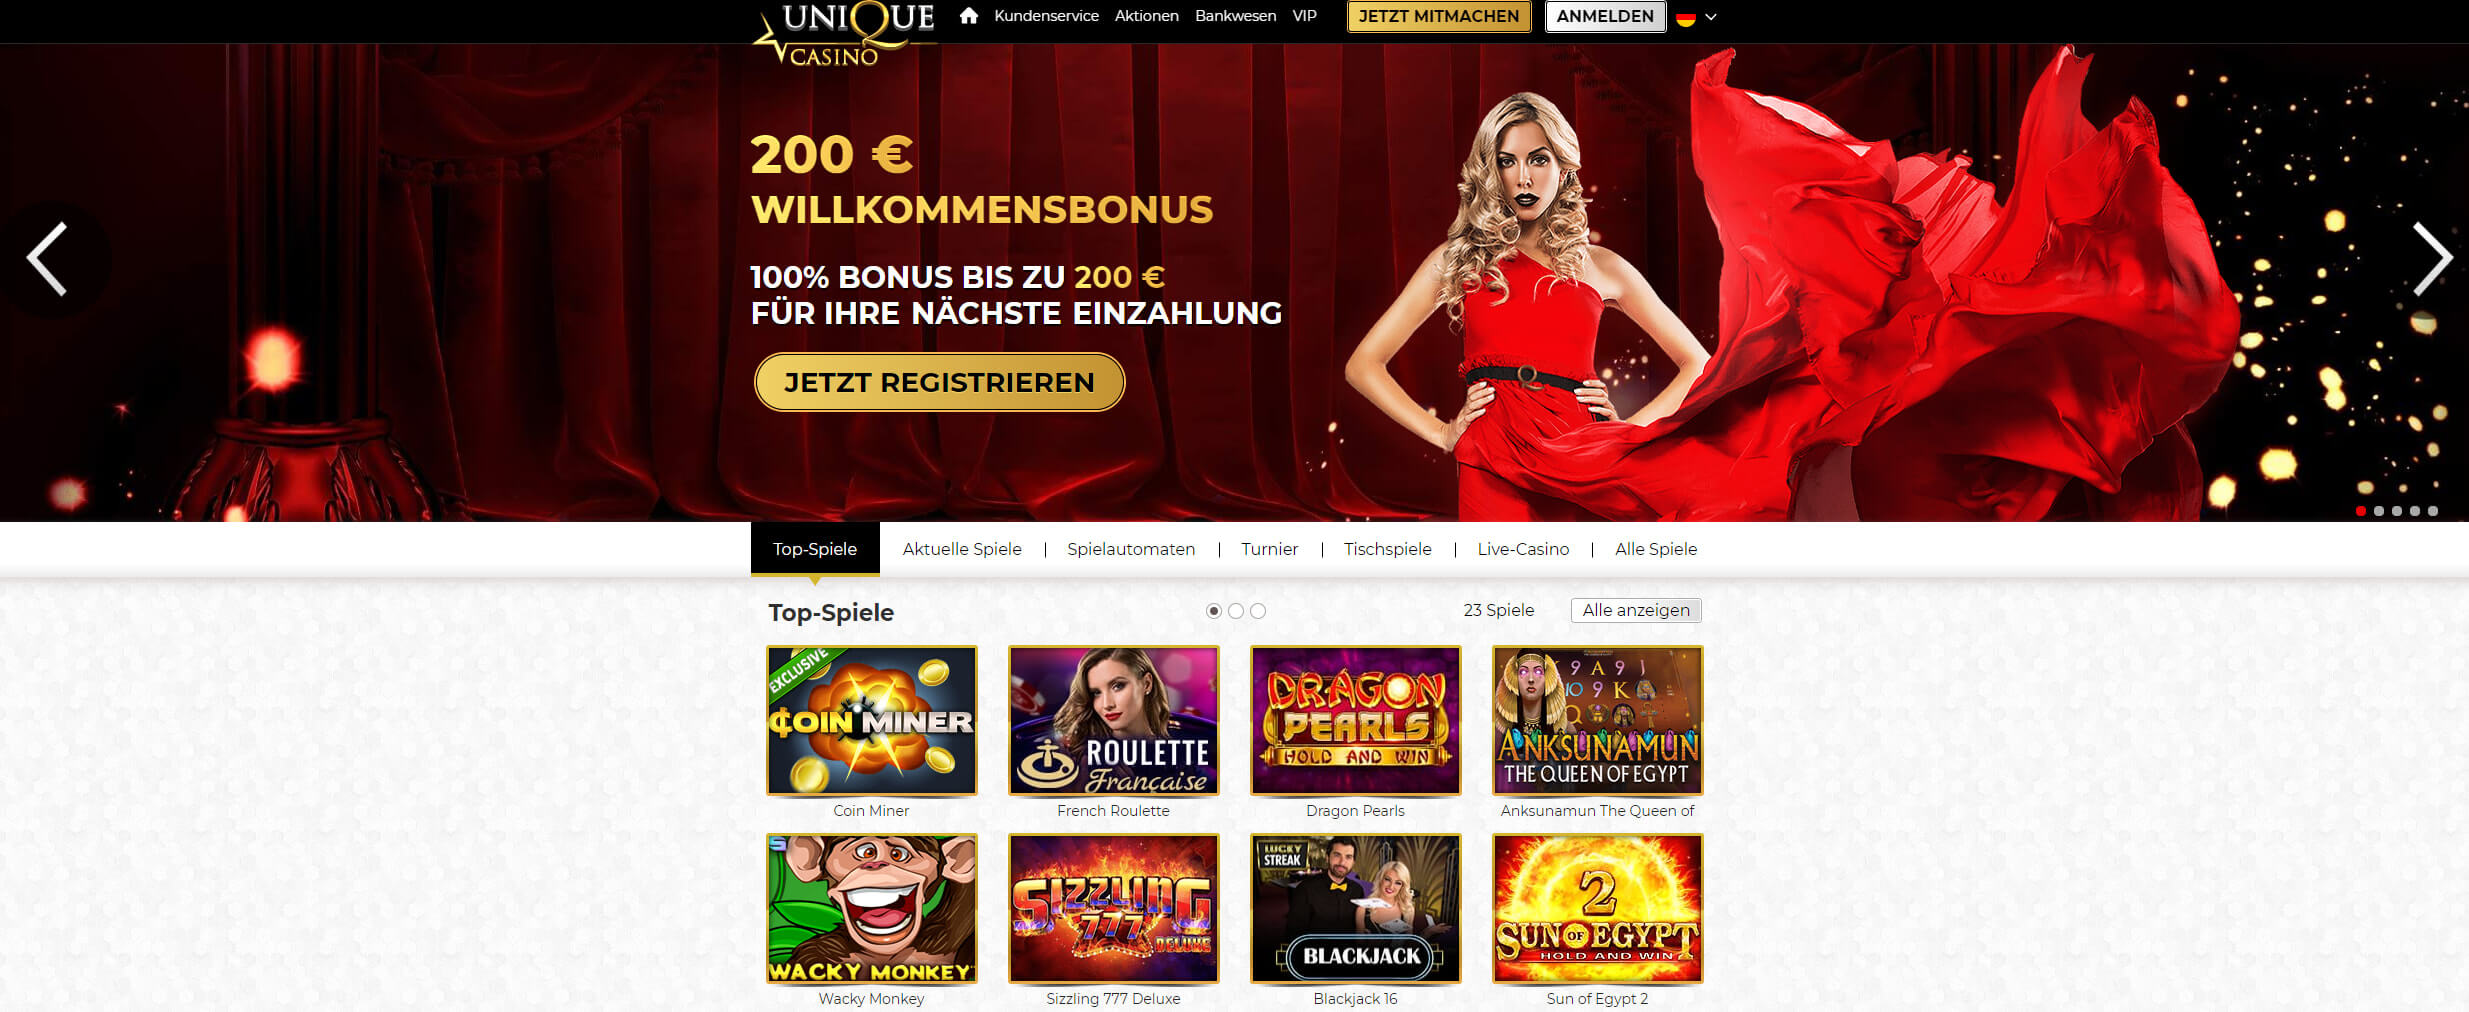 unique casino startseite